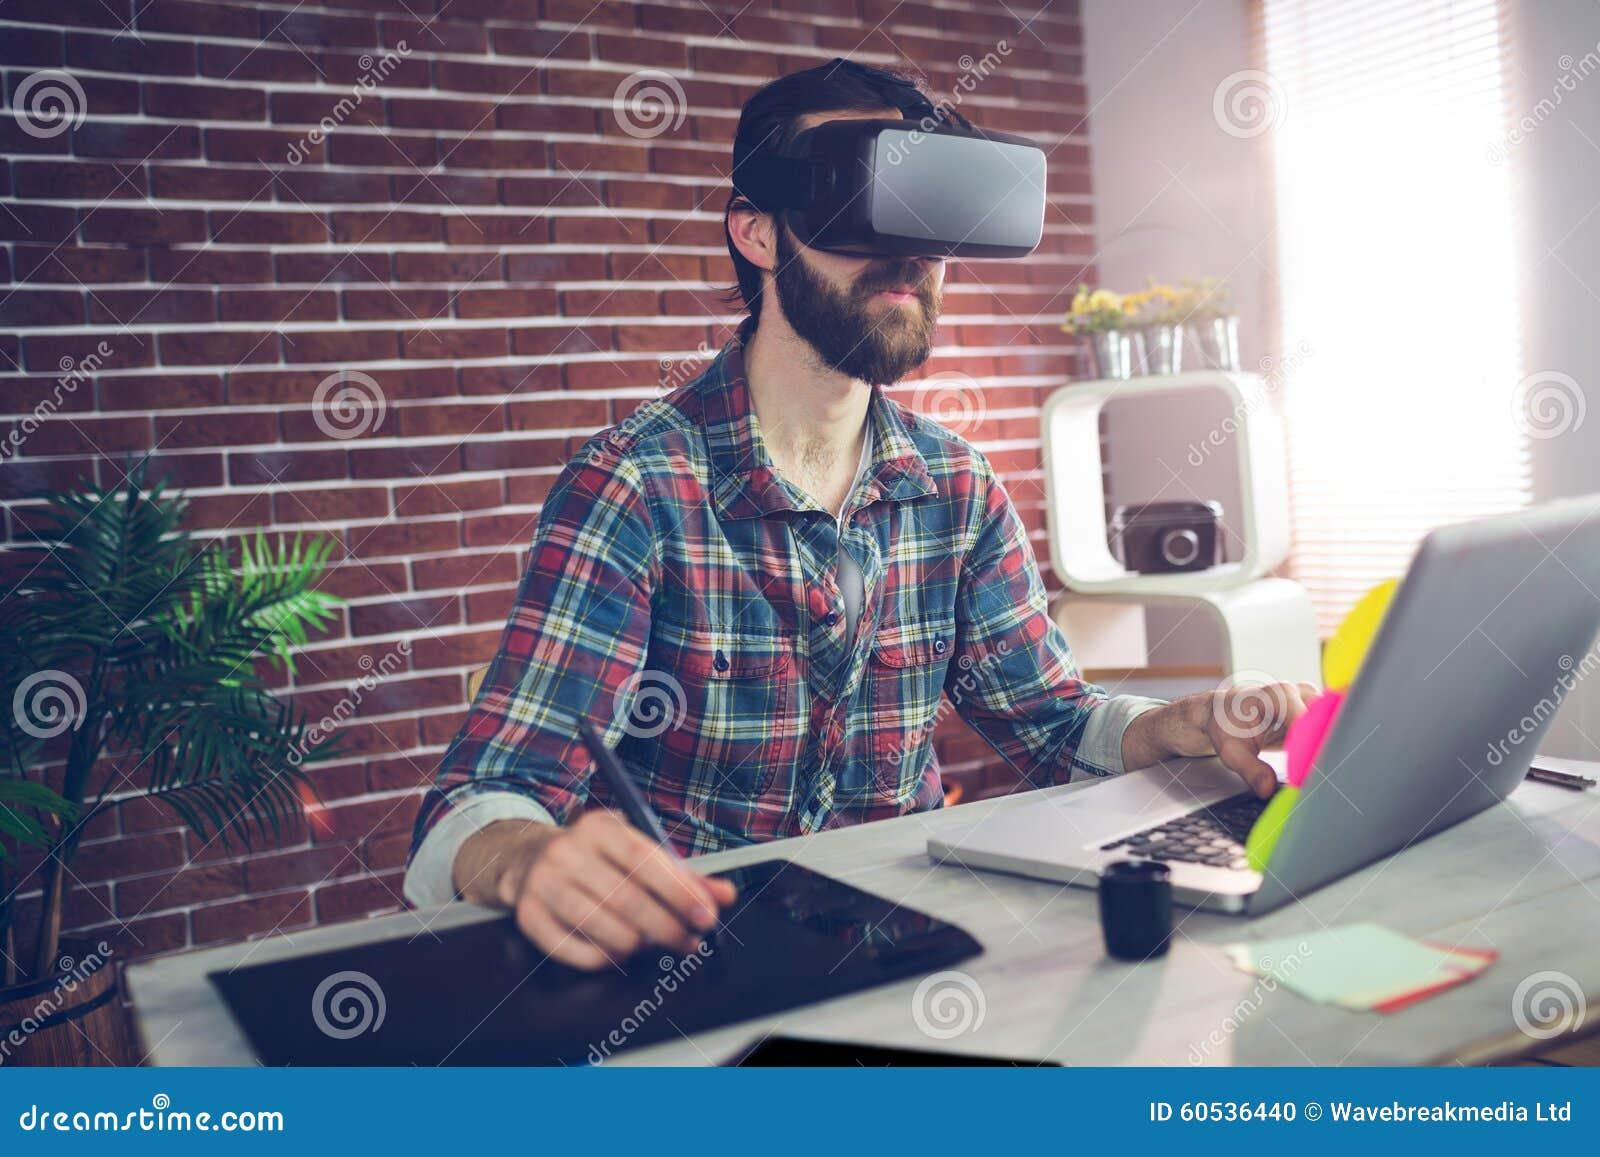 Σοβαρός δημιουργικός επιχειρηματίας που χρησιμοποιεί τα τρισδιάστατα τηλεοπτικά γυαλιά και το lap-top